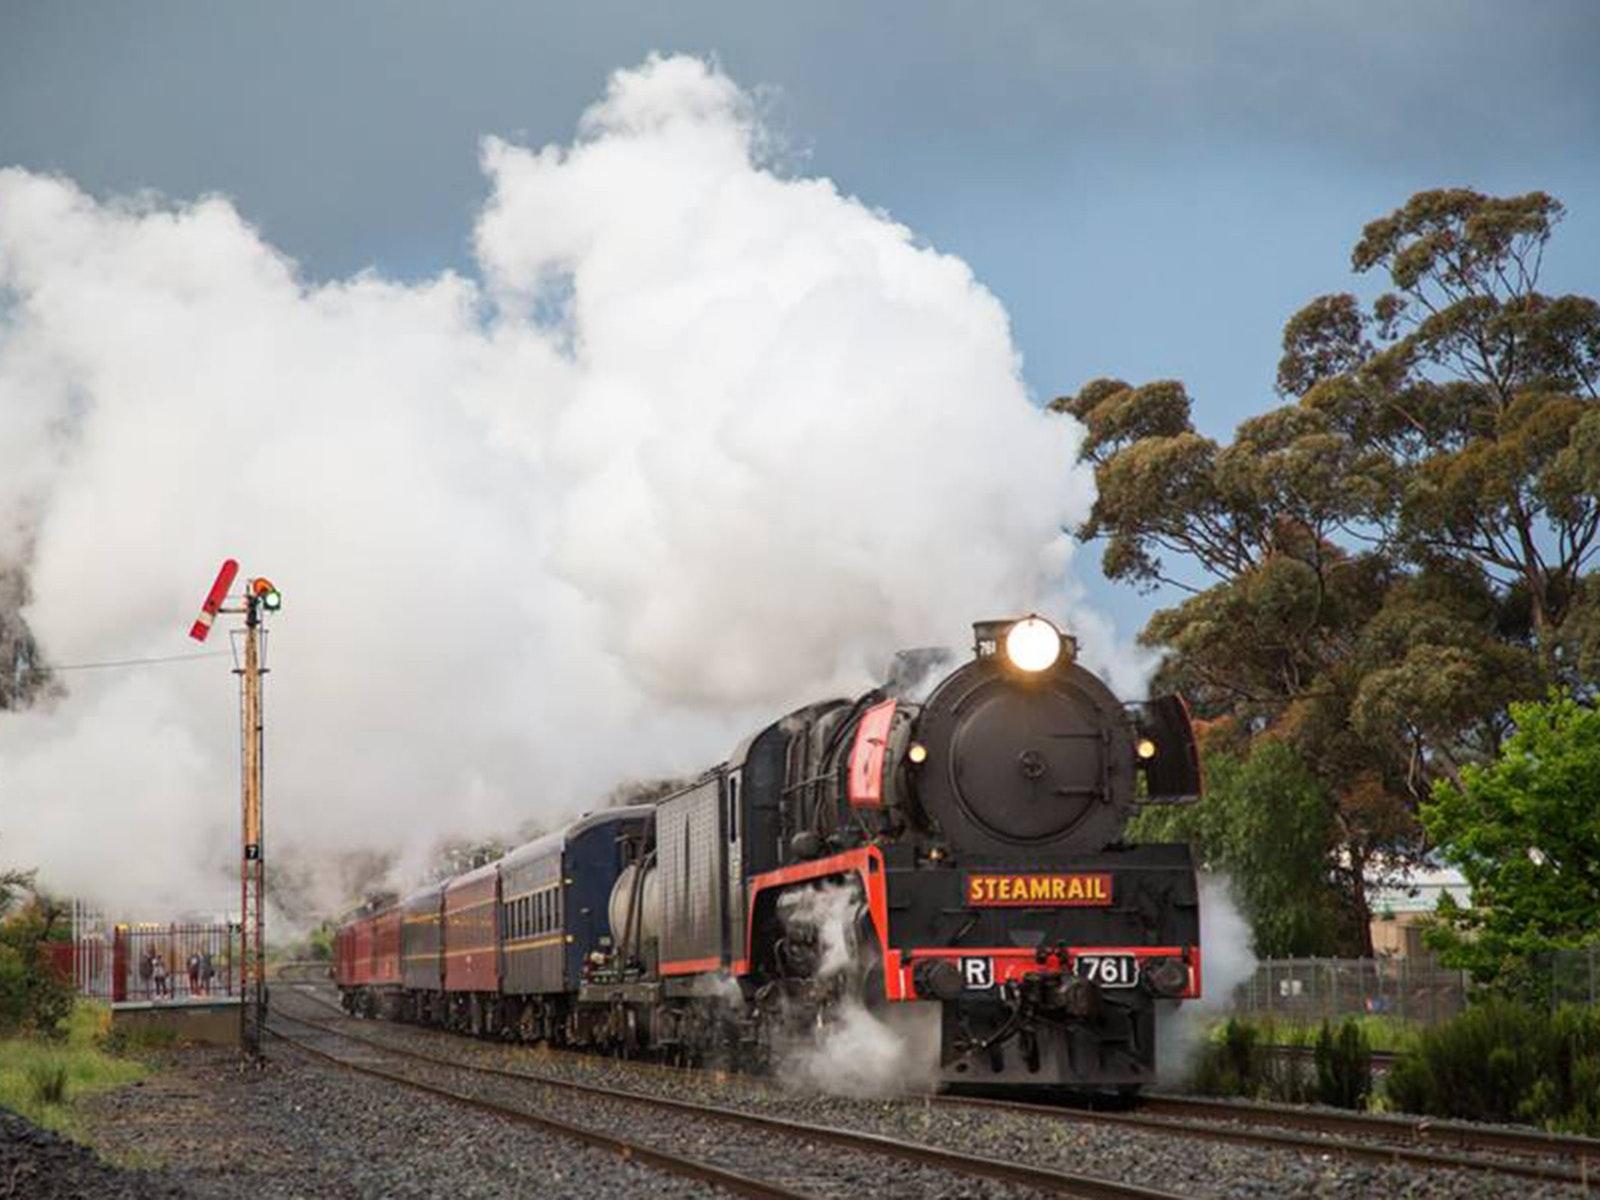 Steamrail Victoria